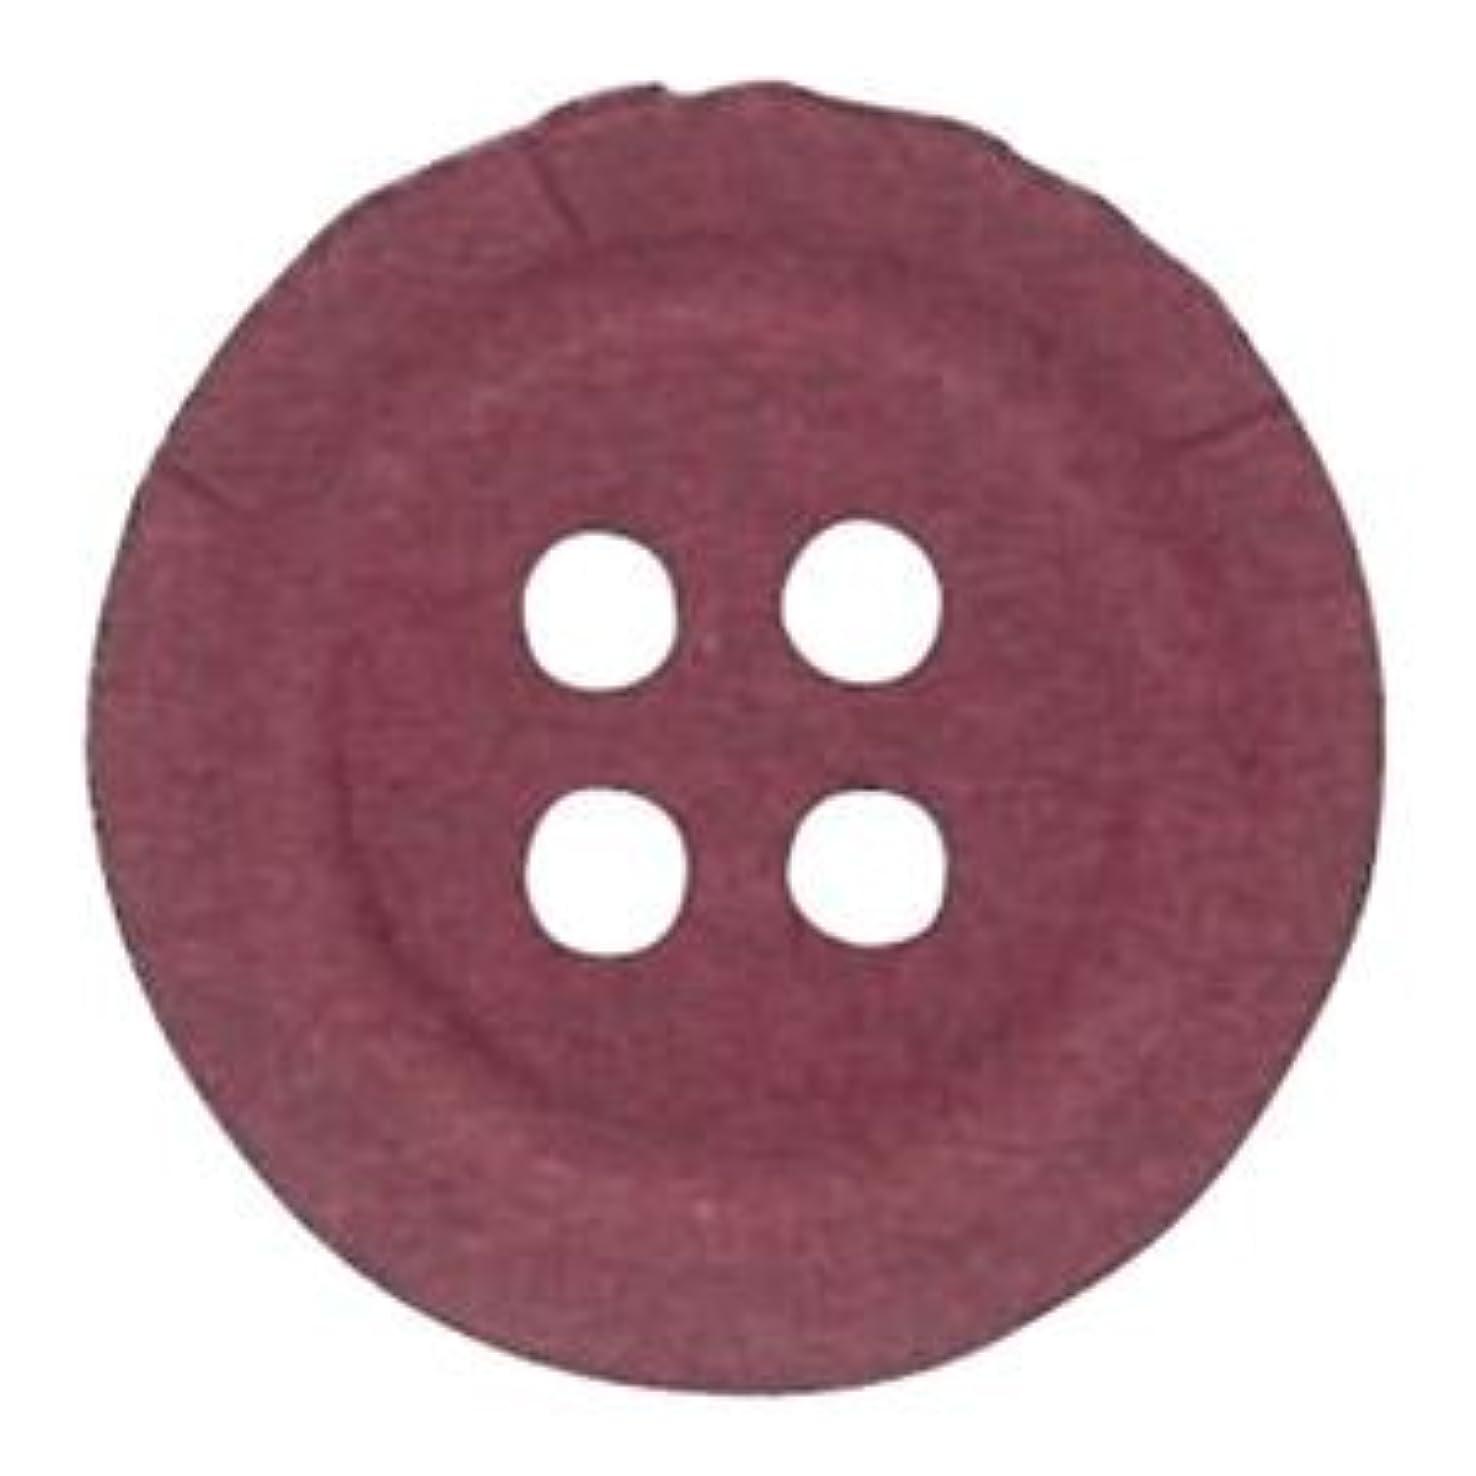 そっと松の木受ける(業務用20セット) hanaoka エンボスパンチ 989004-7 ボタン13mm